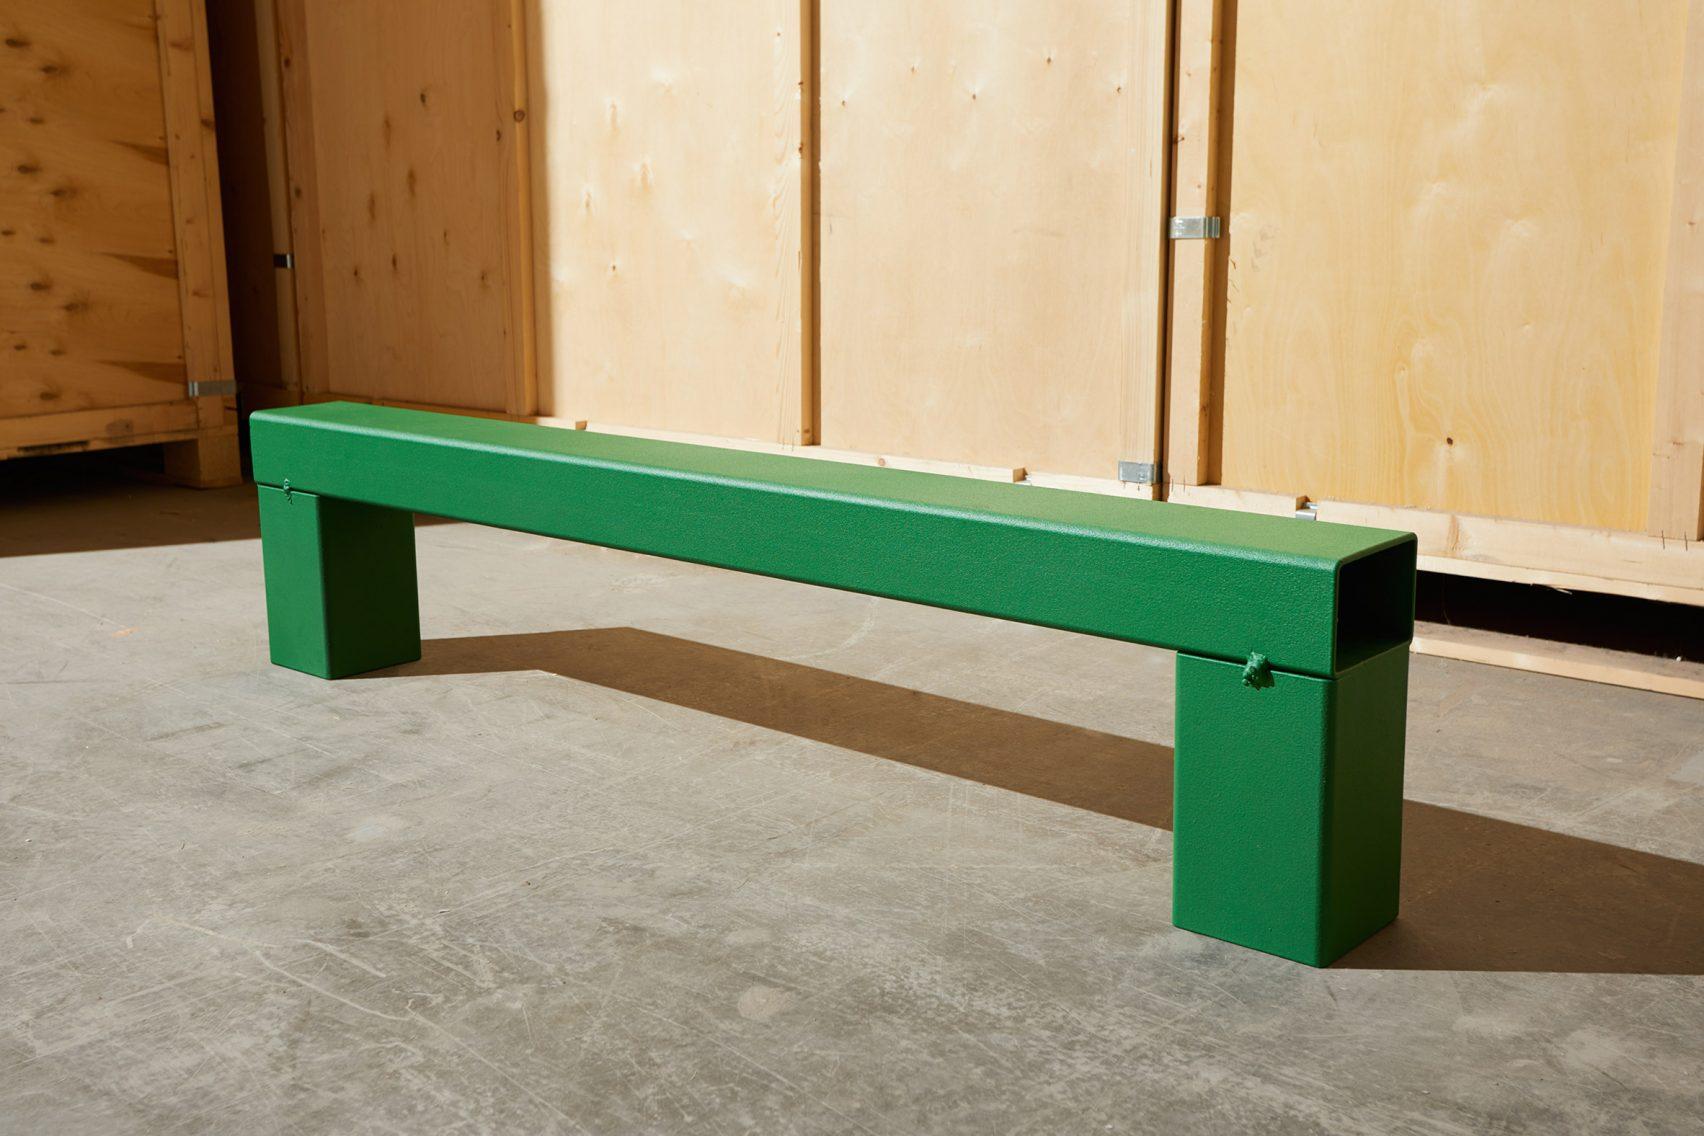 design-miami-basel-philippe-malouin-design-furniture_dezeen_2364_col_12-1704x1136.jpg